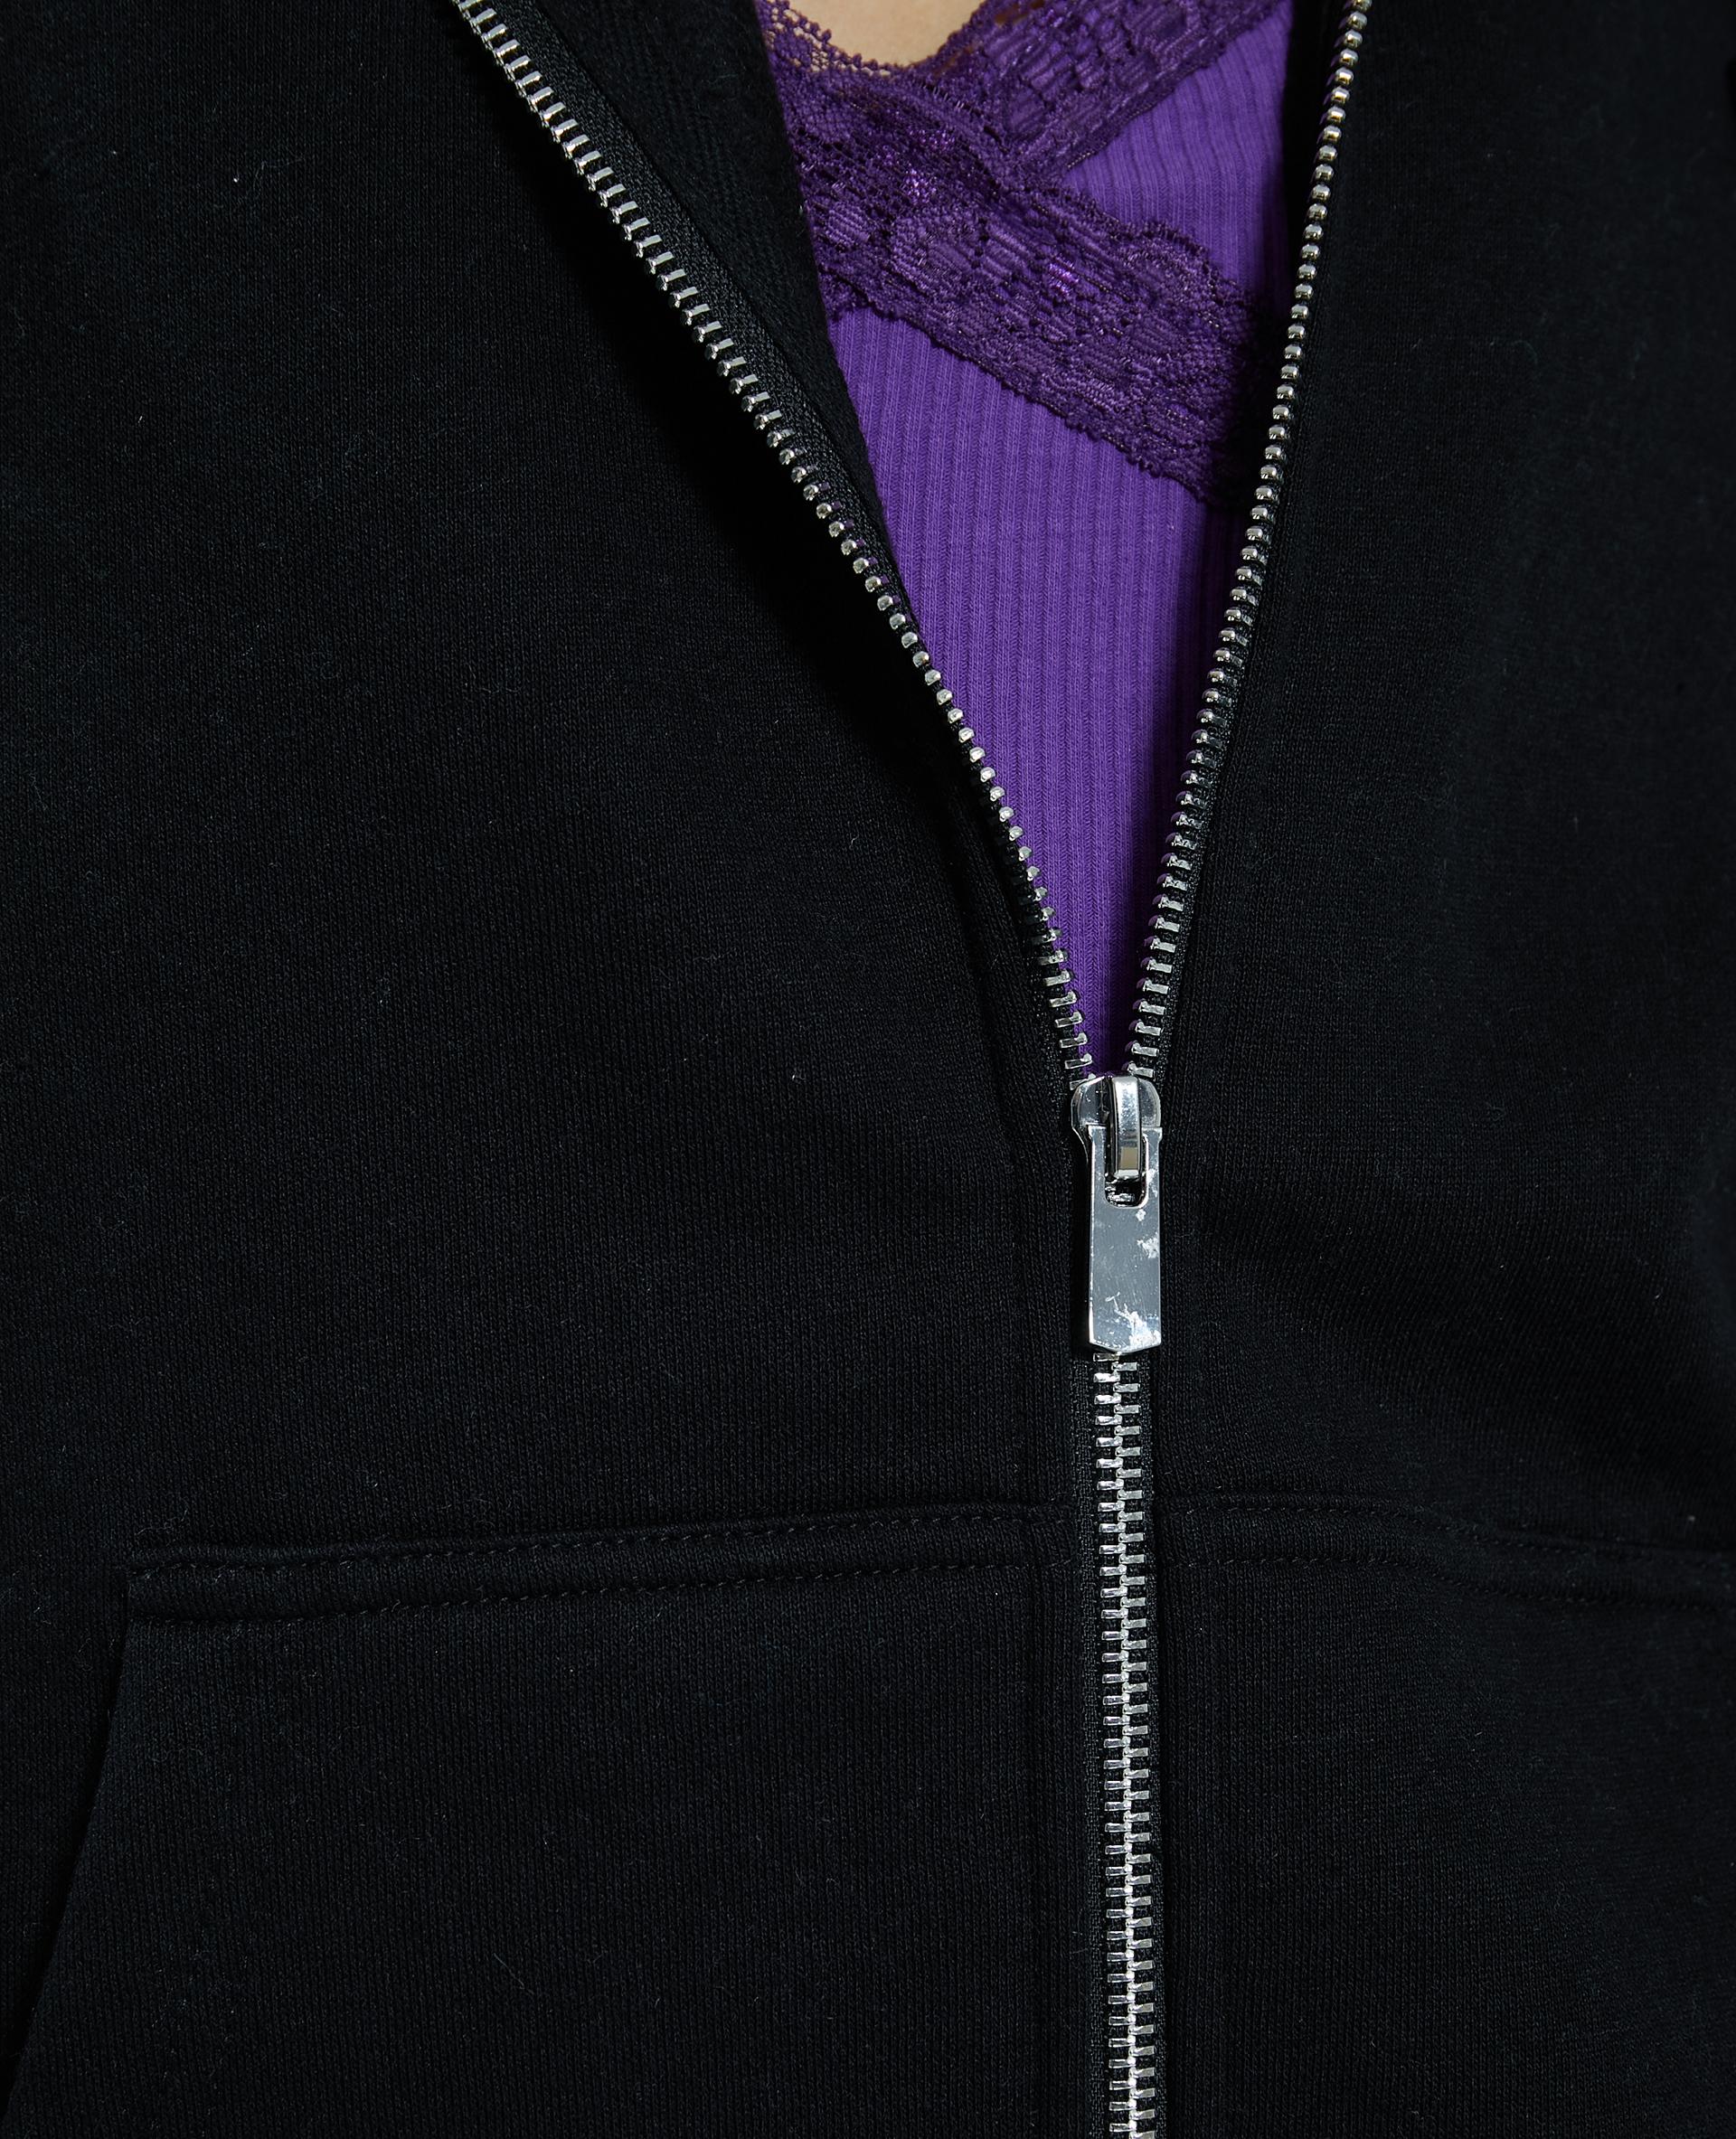 Gilet zippé à capuche noir - Pimkie